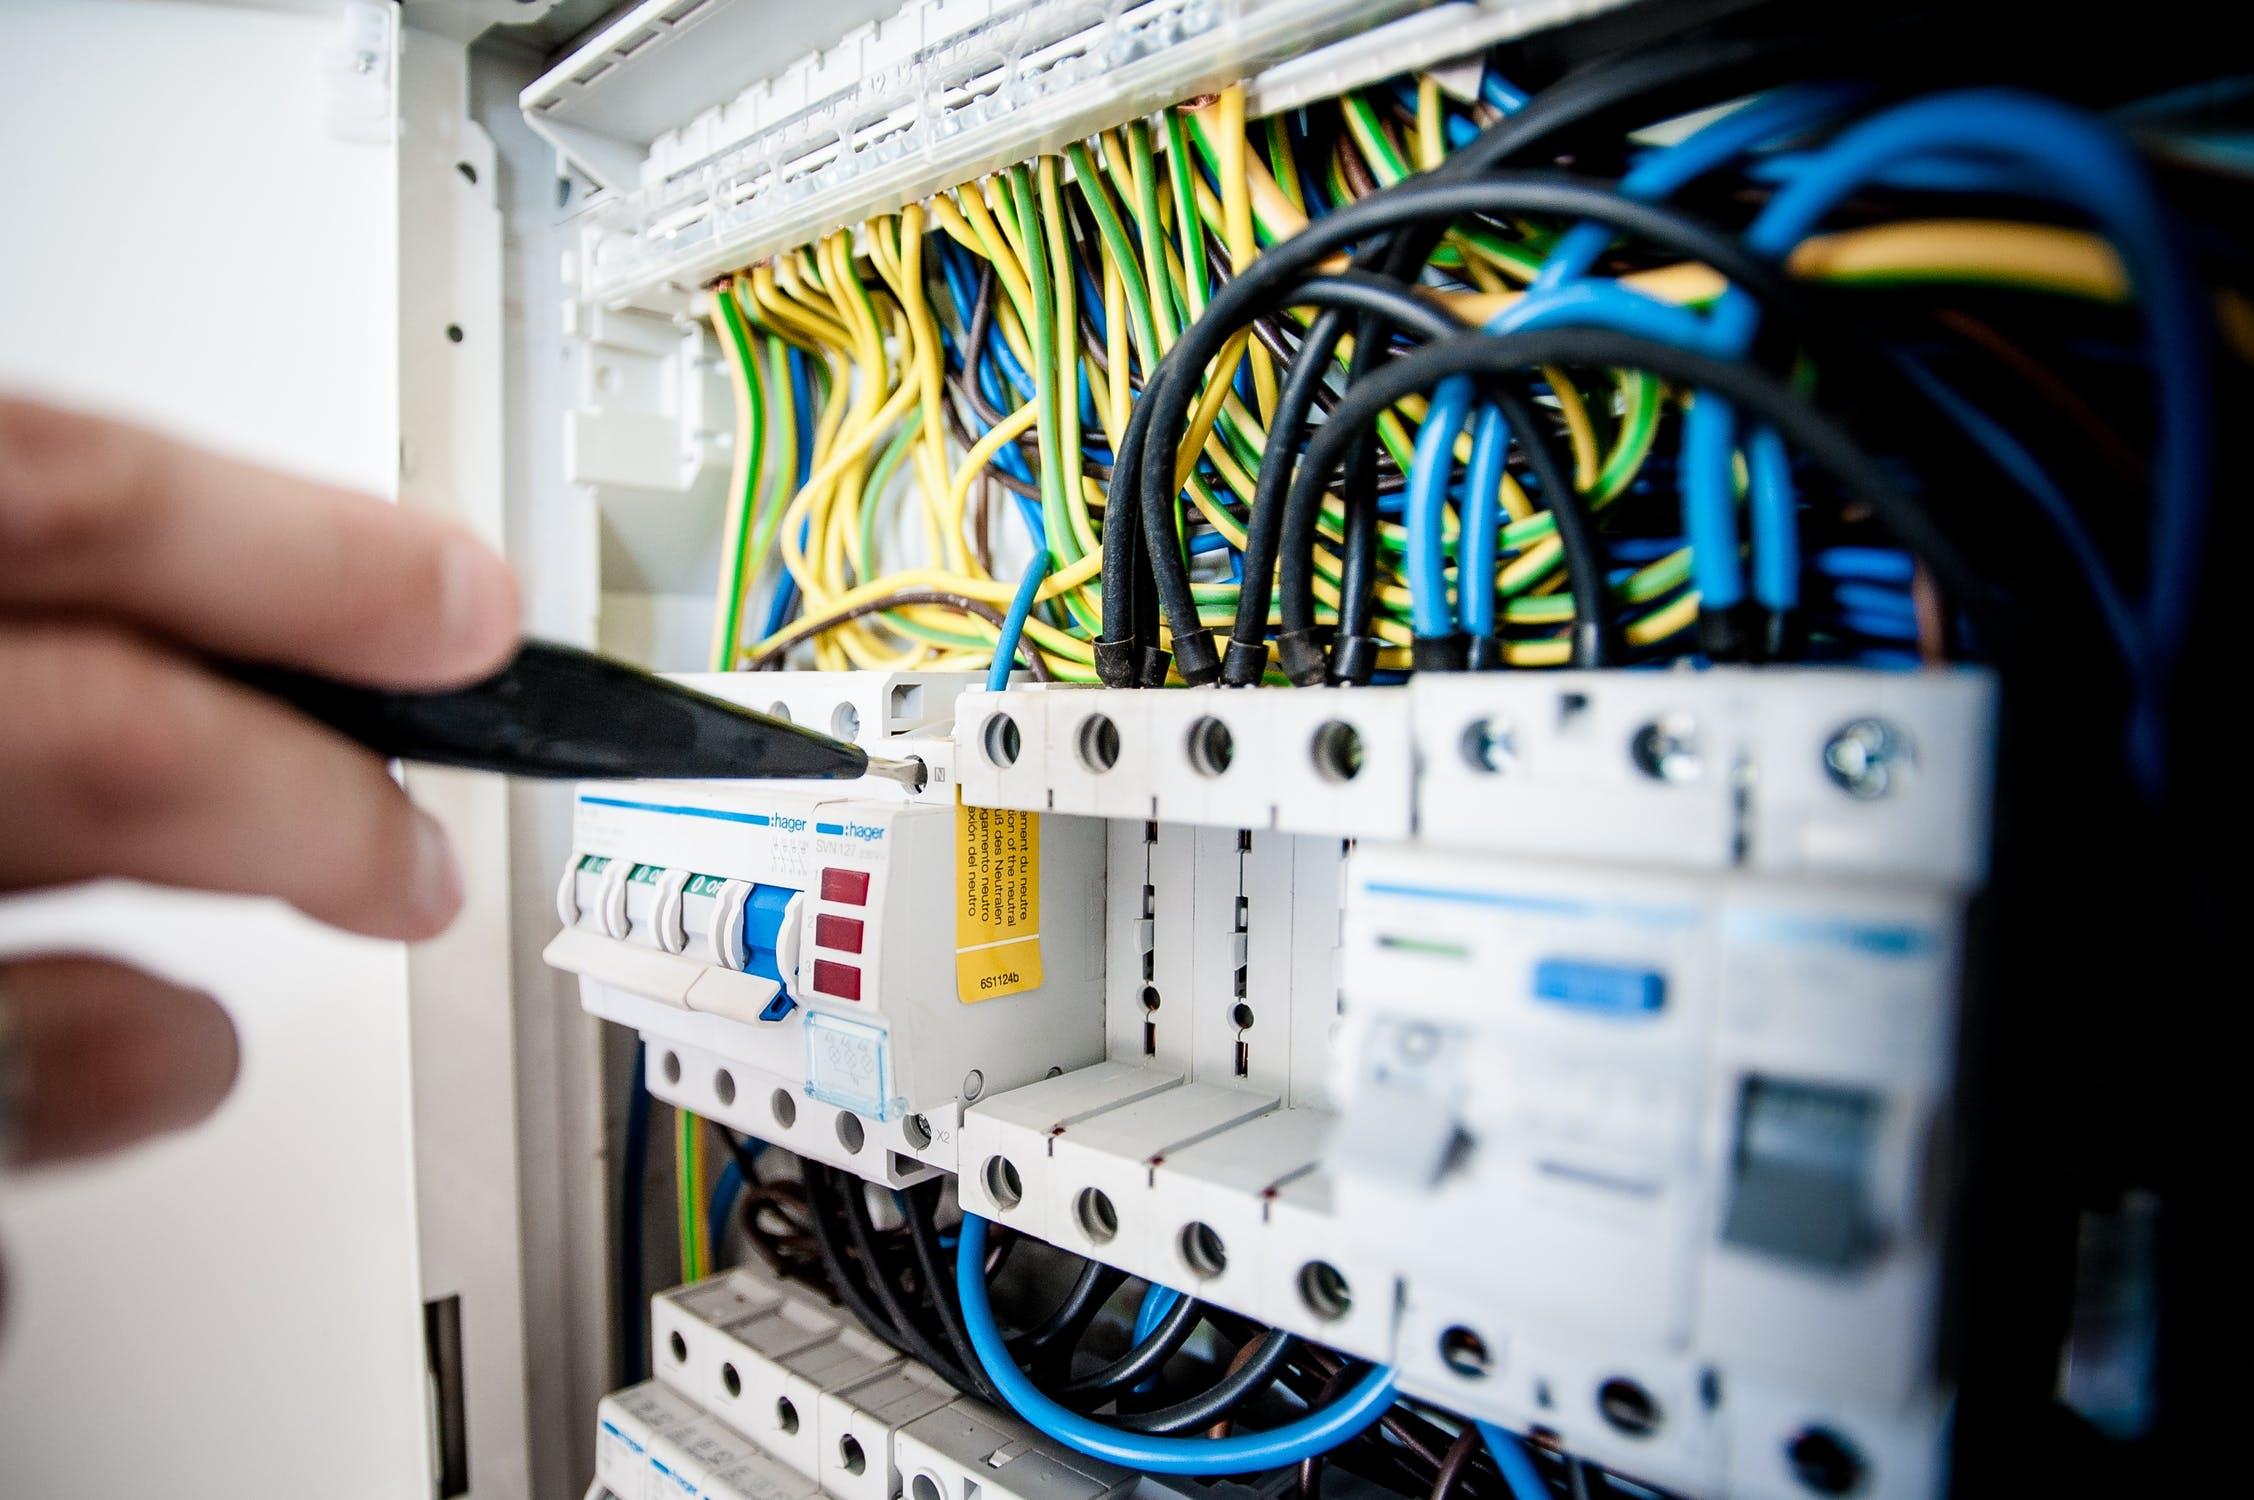 arbejde med elektricitet